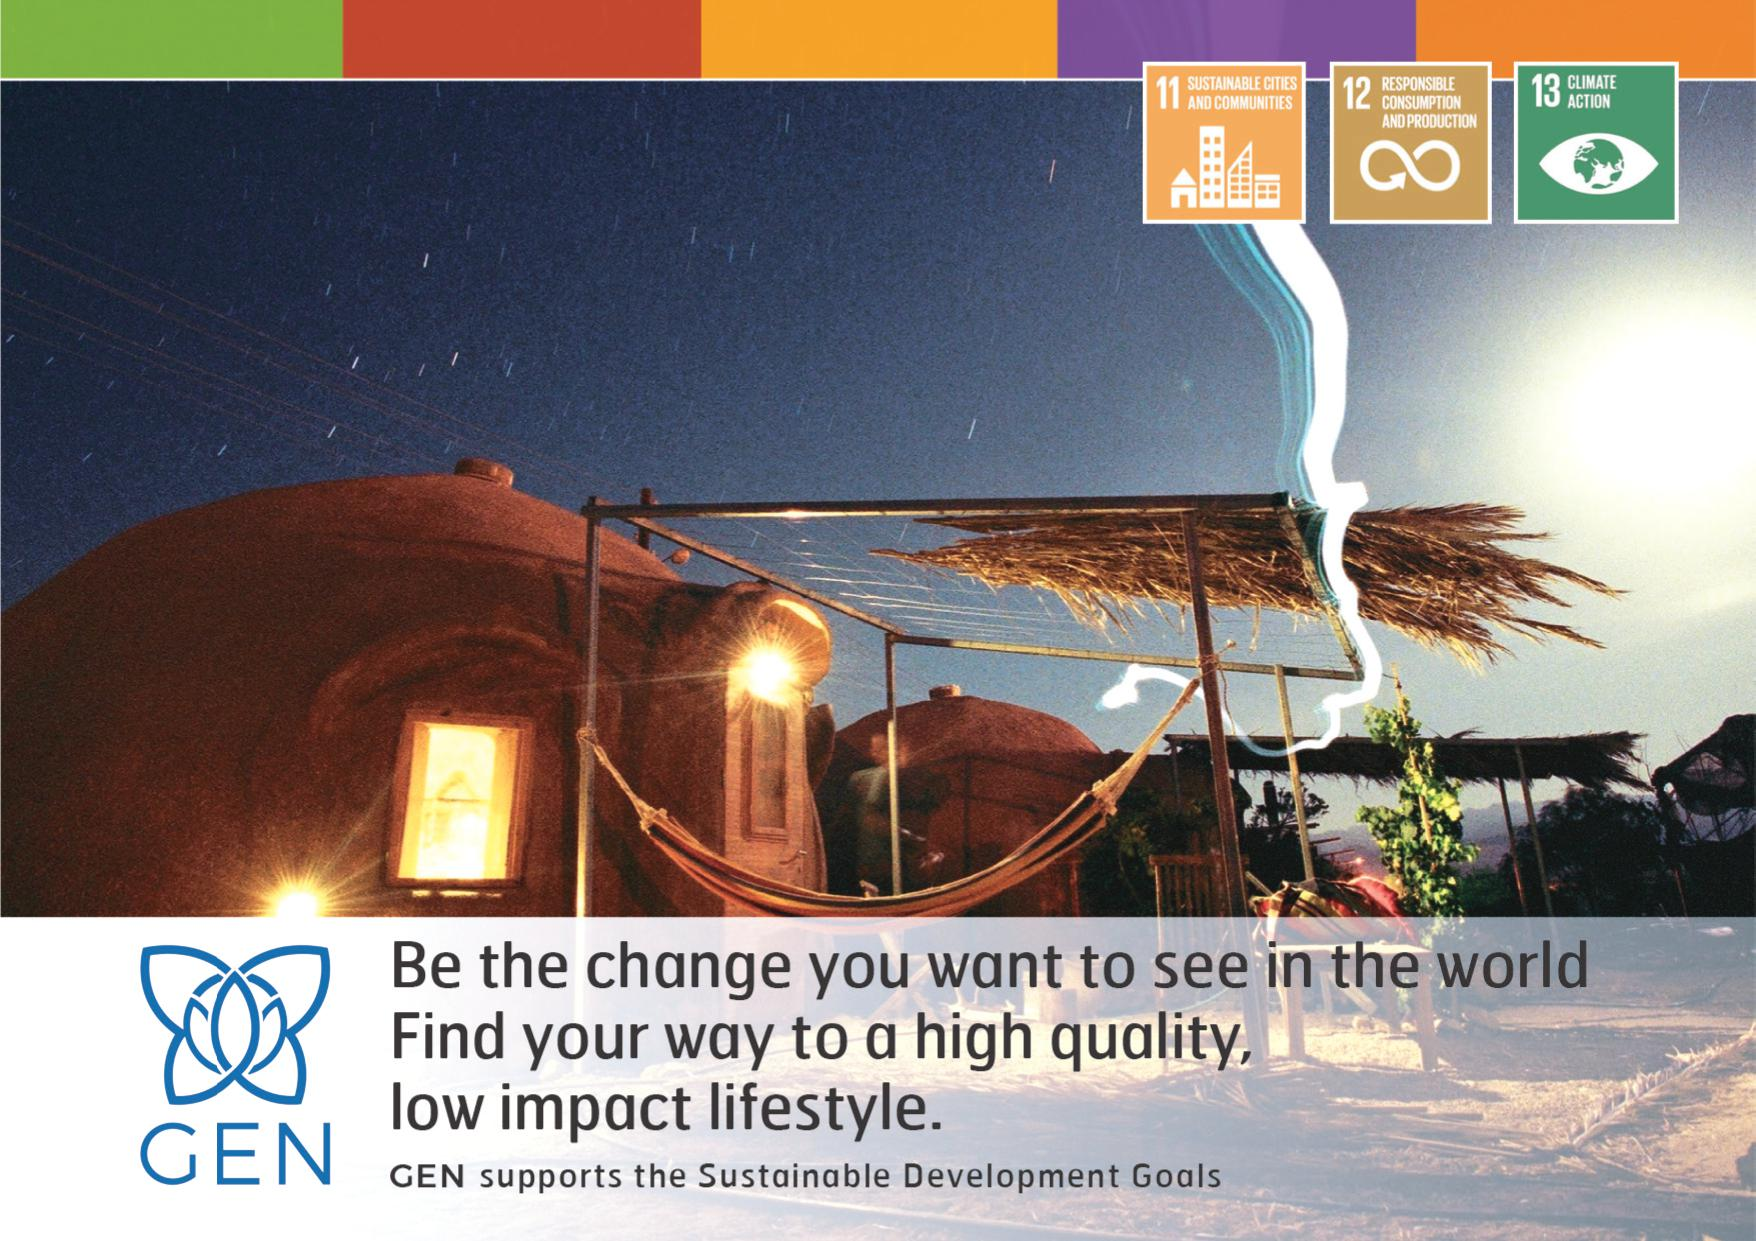 vision mission goals gen 39 s strategy to change world. Black Bedroom Furniture Sets. Home Design Ideas